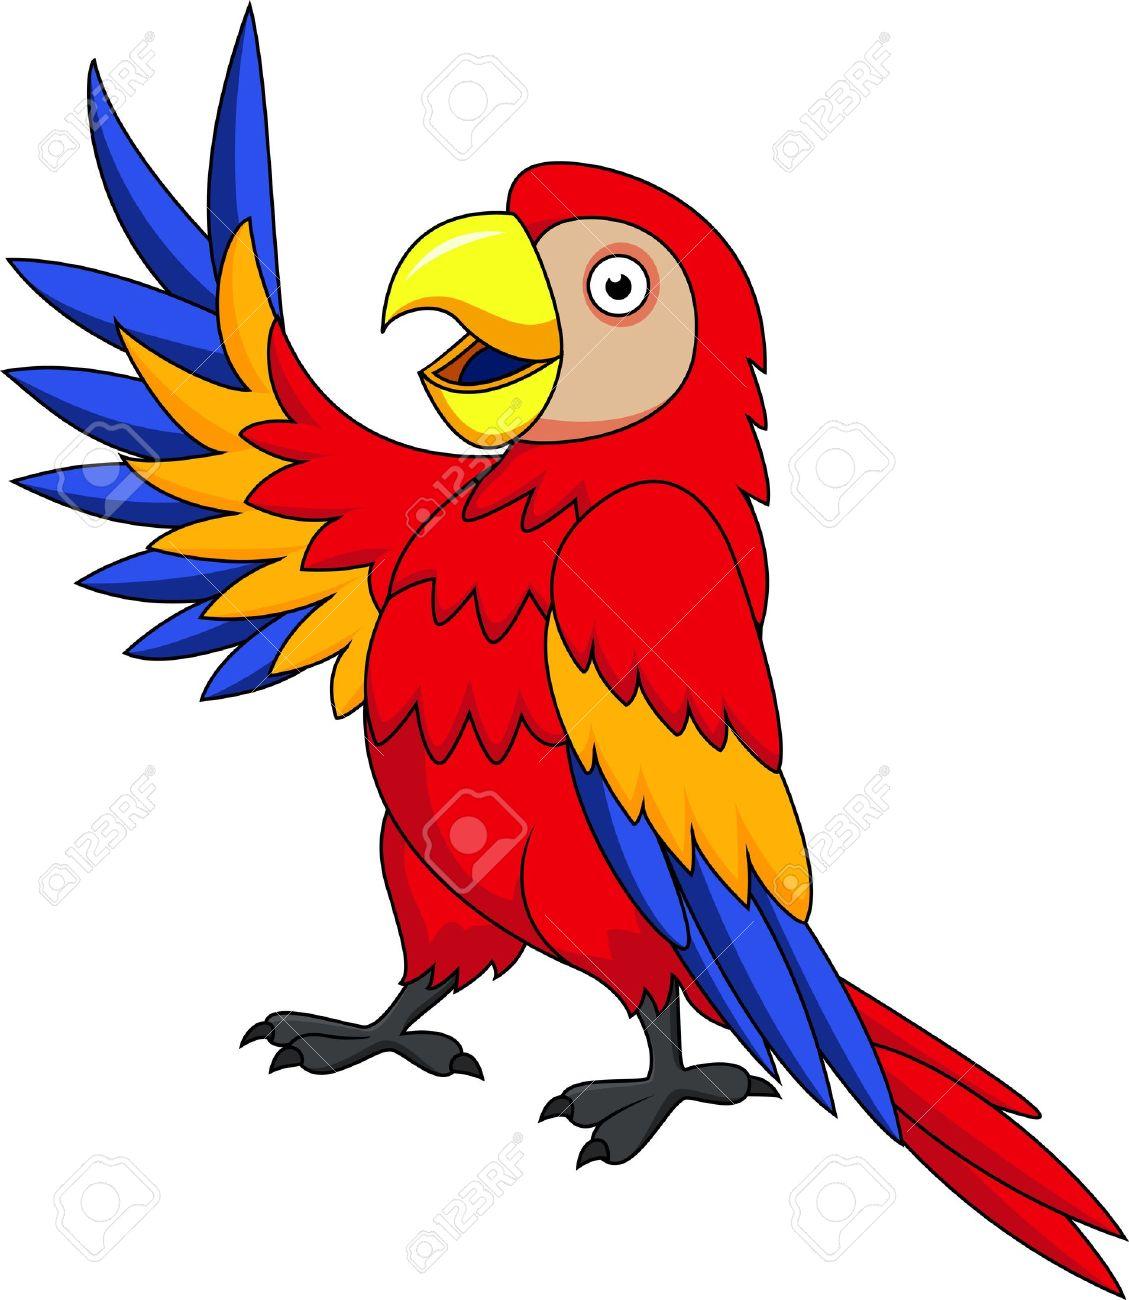 Parrot Cartoon Pictures Parrot Cartoon Macaw Bird